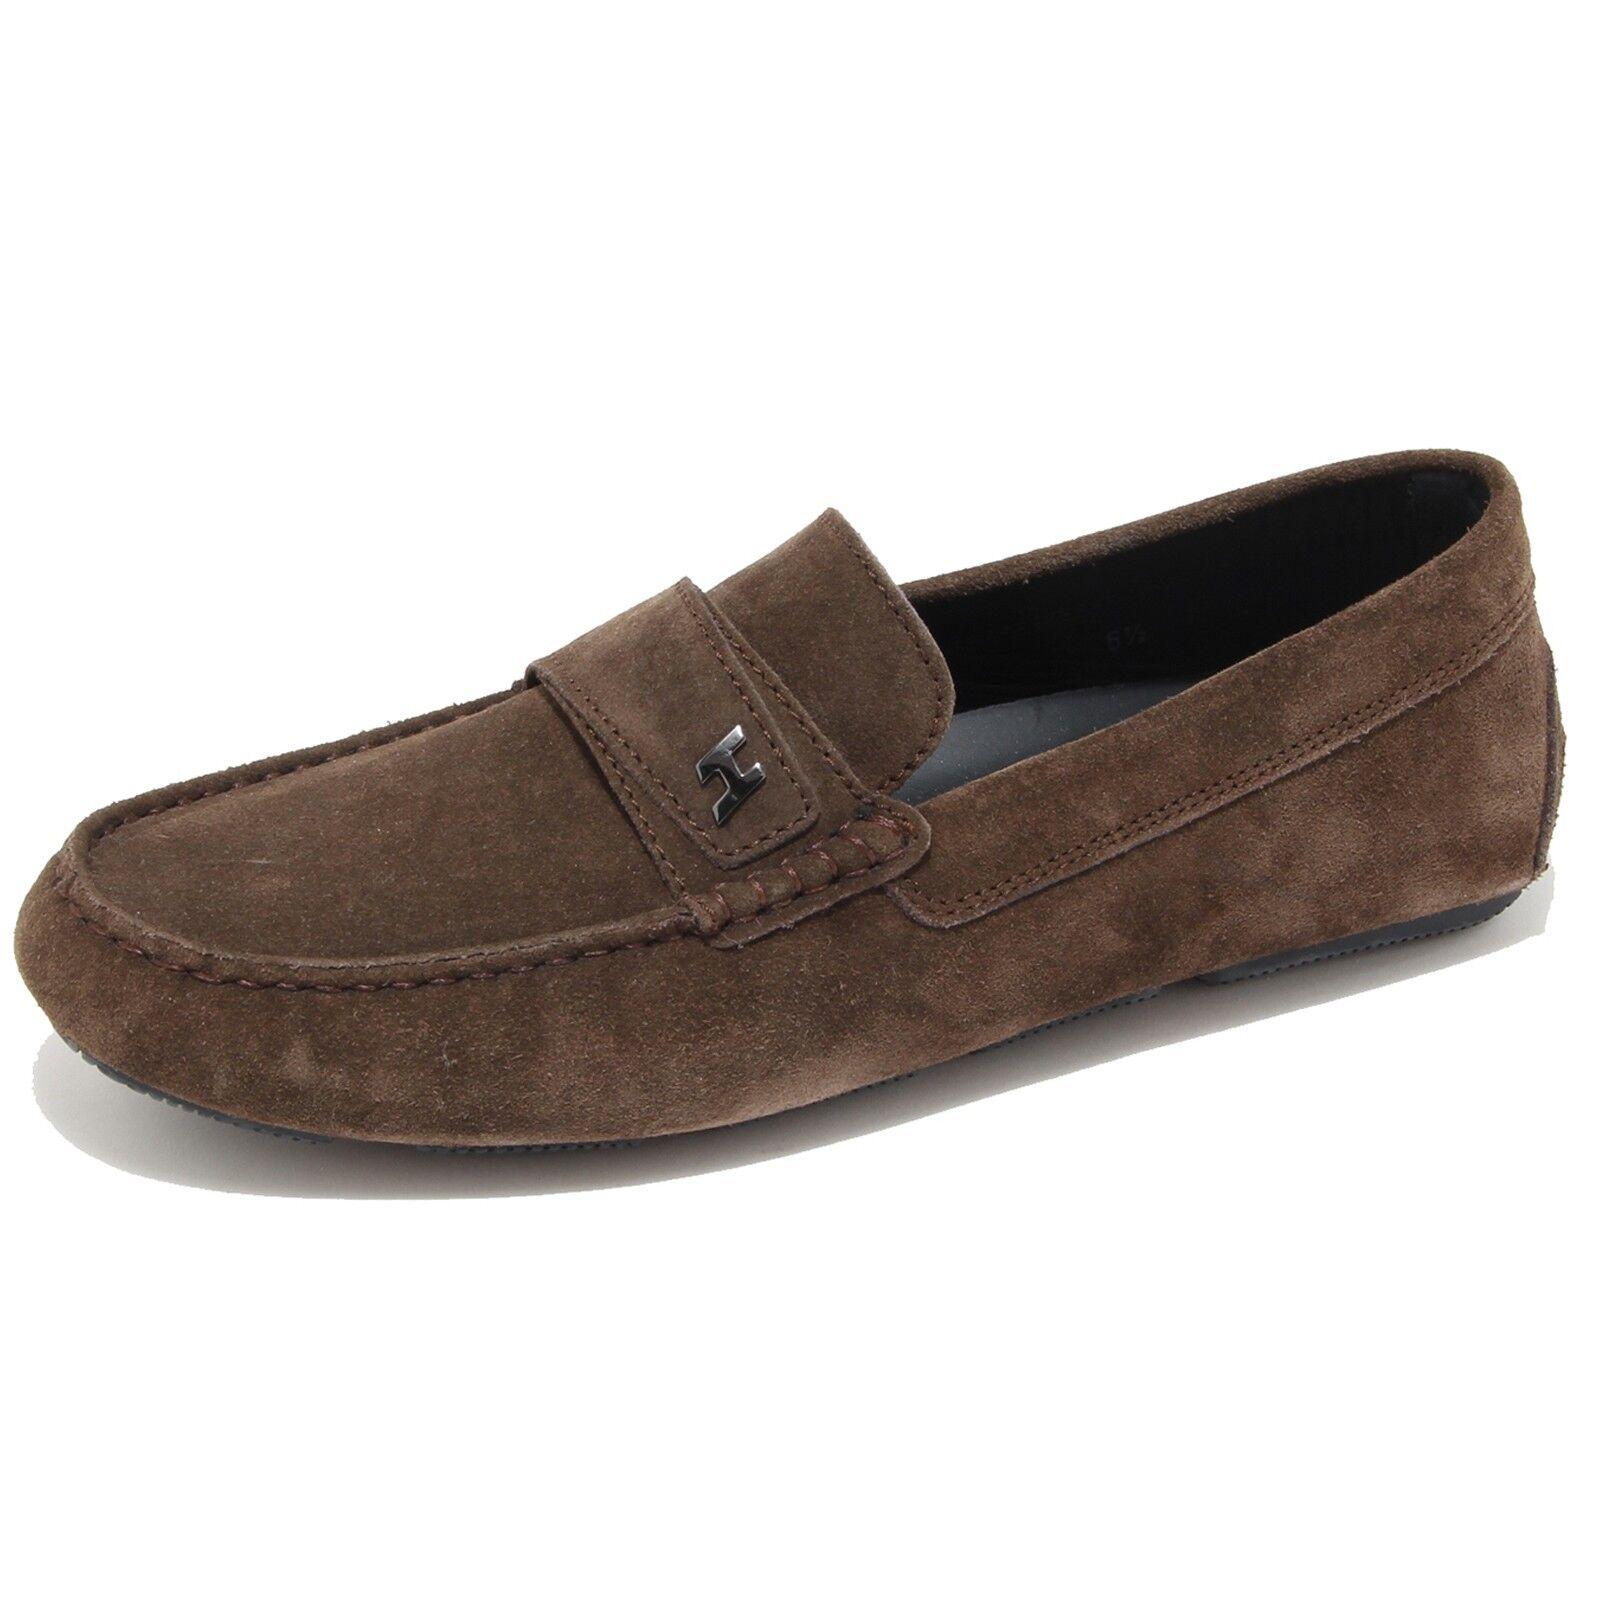 0659L mocassini uomo HOGAN wrap men 185 scarpe loafers shoes men wrap c0a4a9